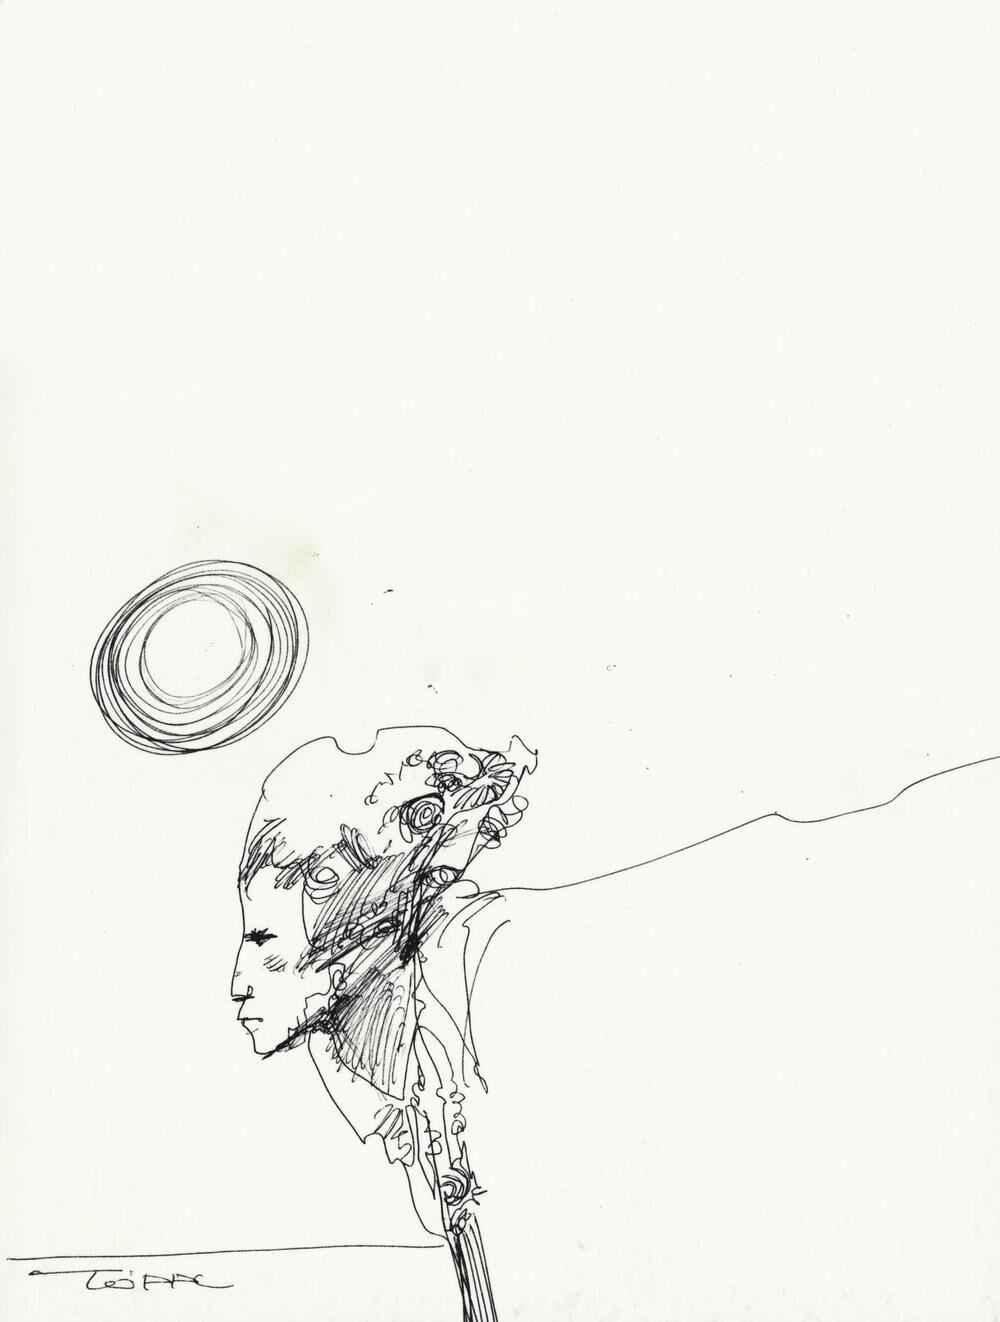 Il collezionista. Variant Sketch edition. Vol. 1